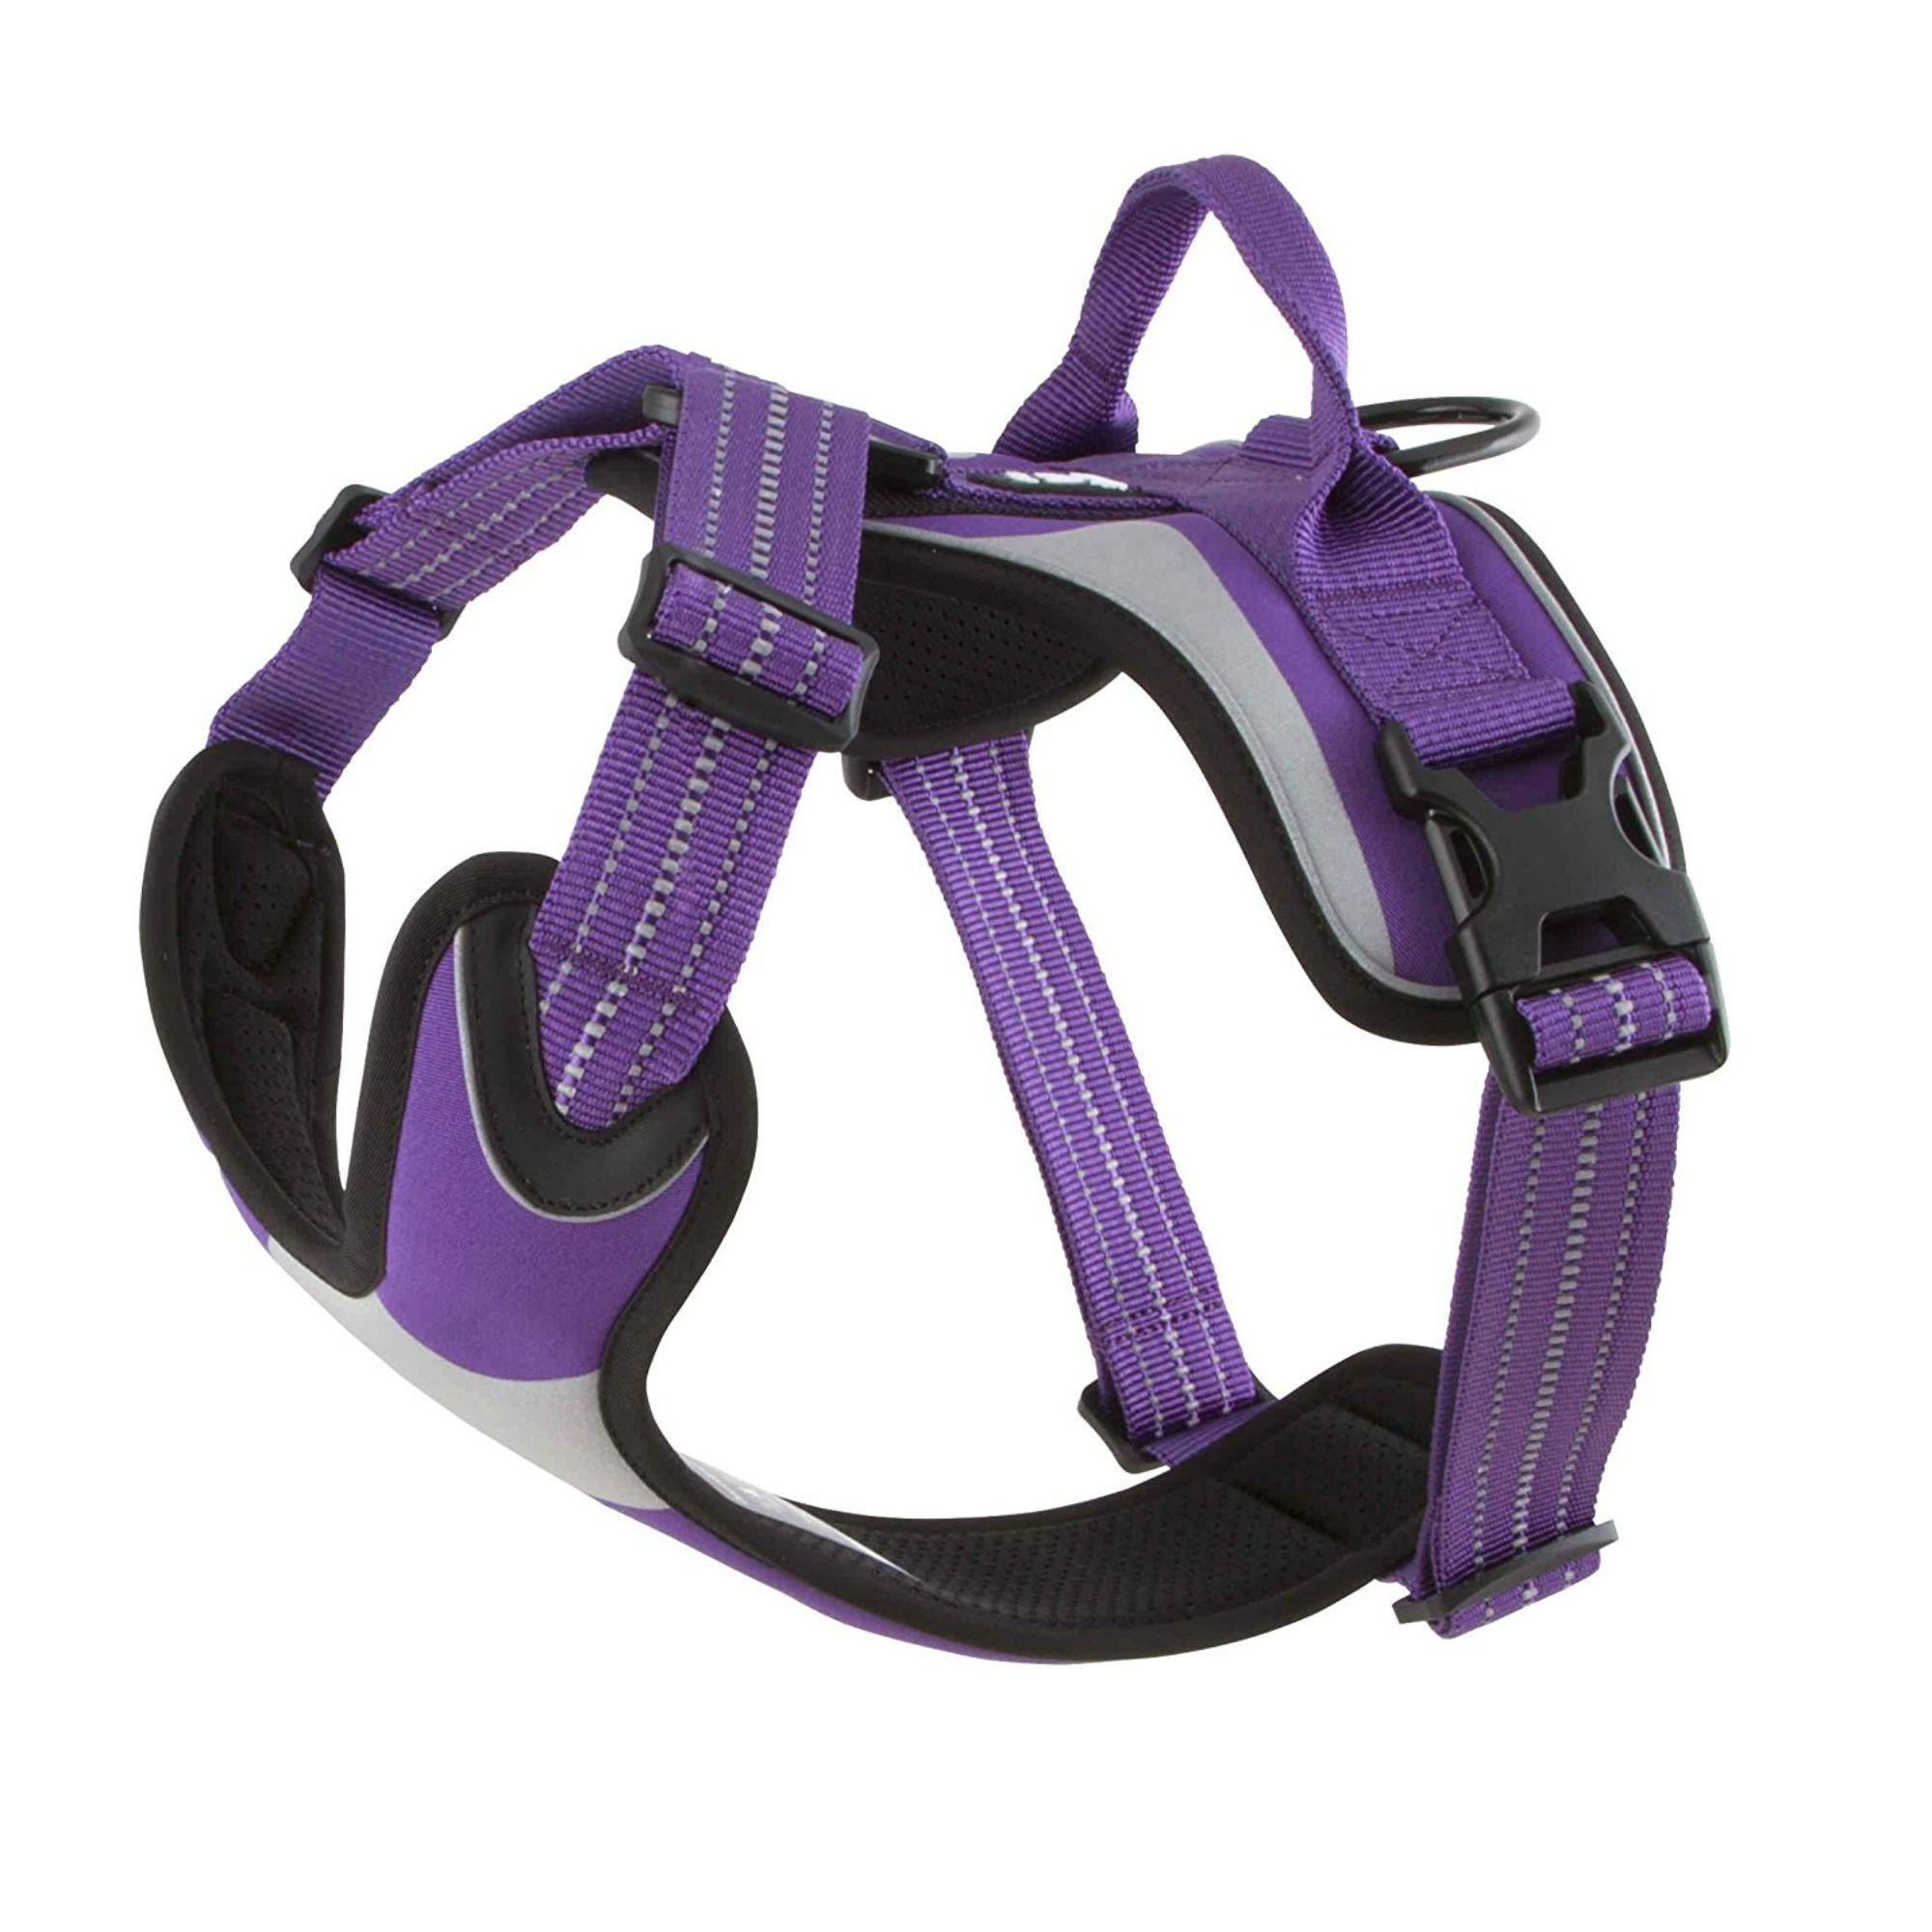 Hurtta Active Dazzle Dog Harness - Lupine